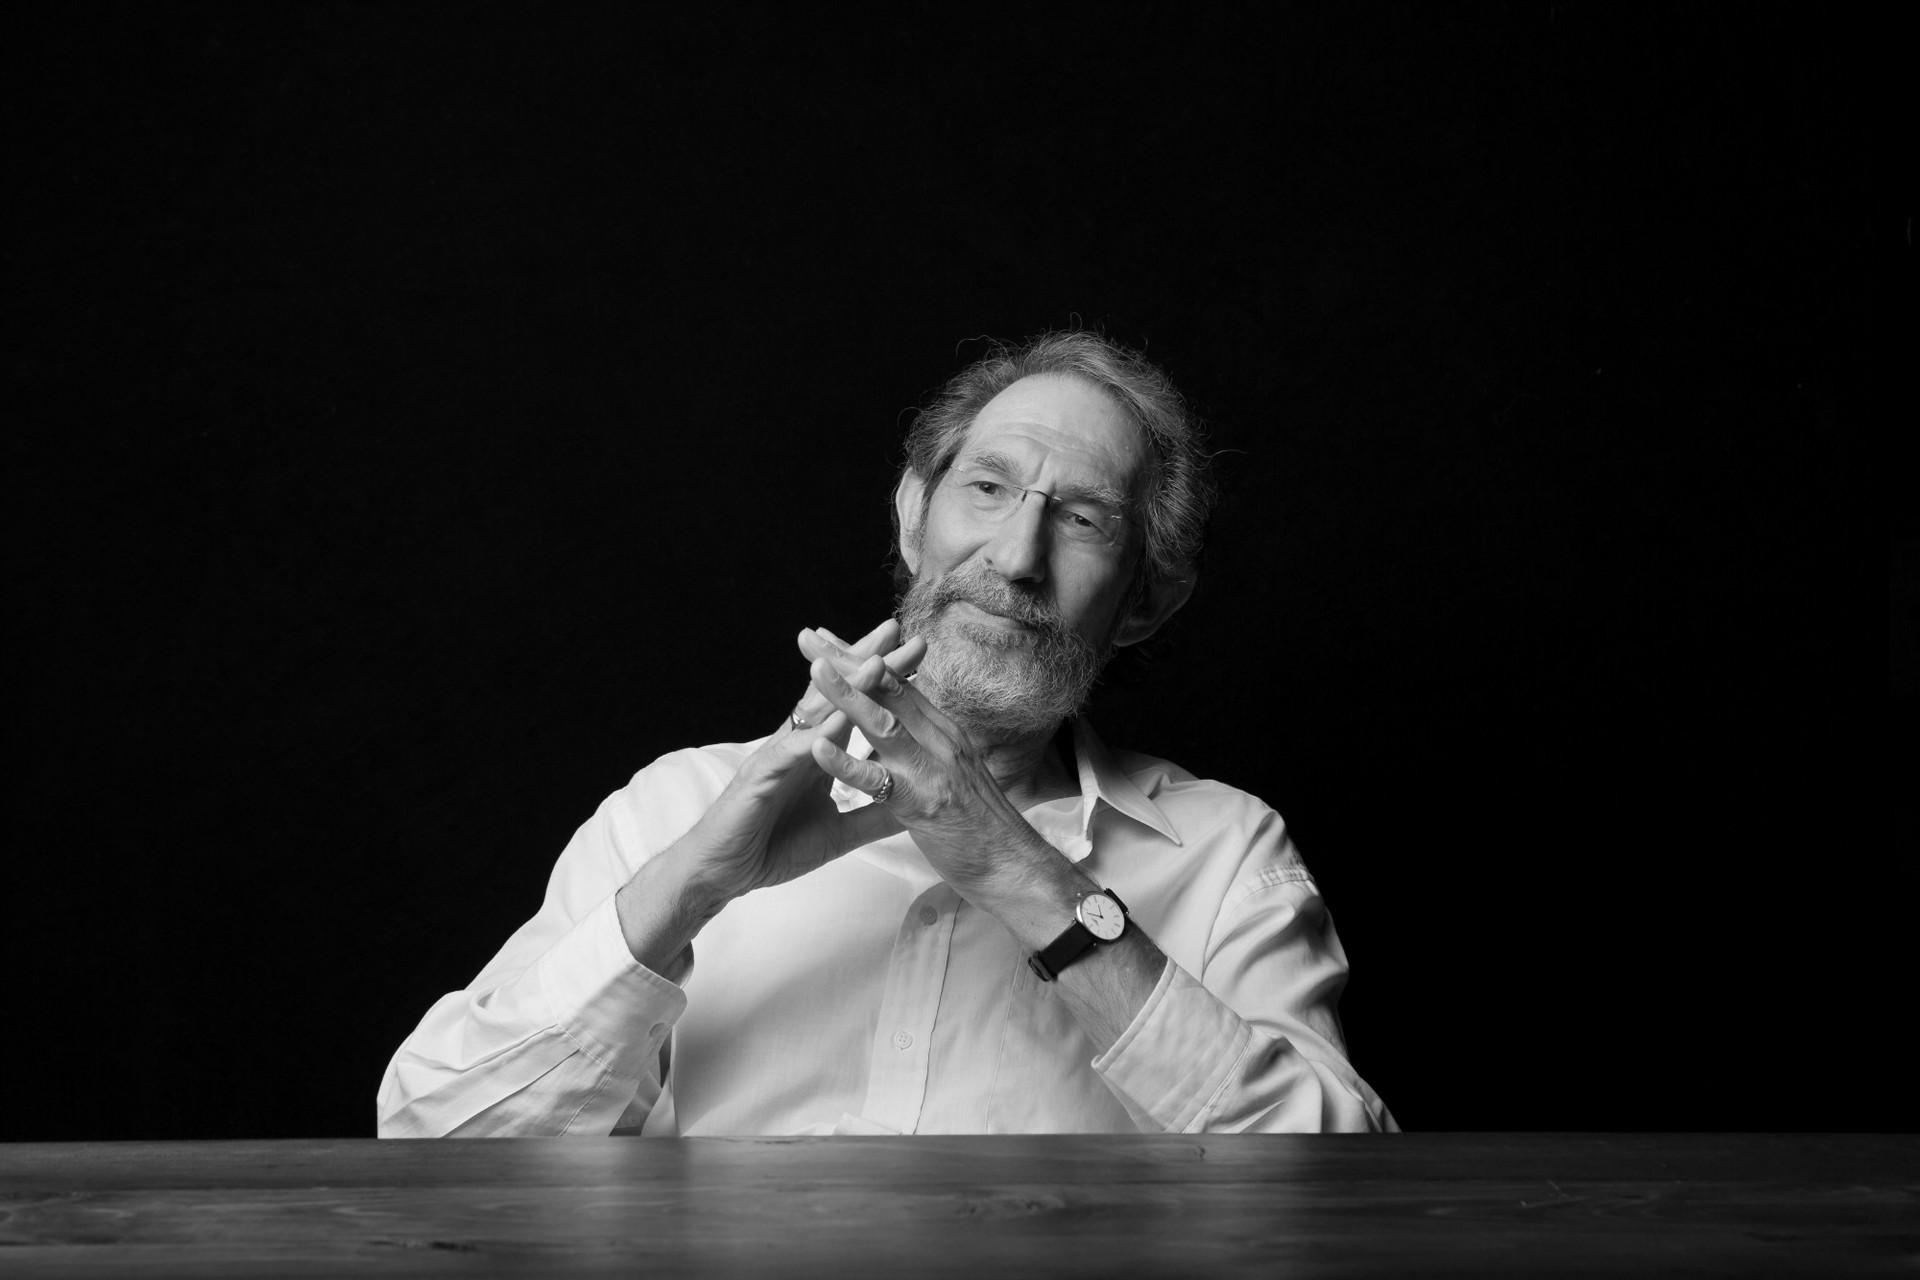 Кривая обучения и кривые руки: неуемная фантазия + исследования физика Джеффри Уэста